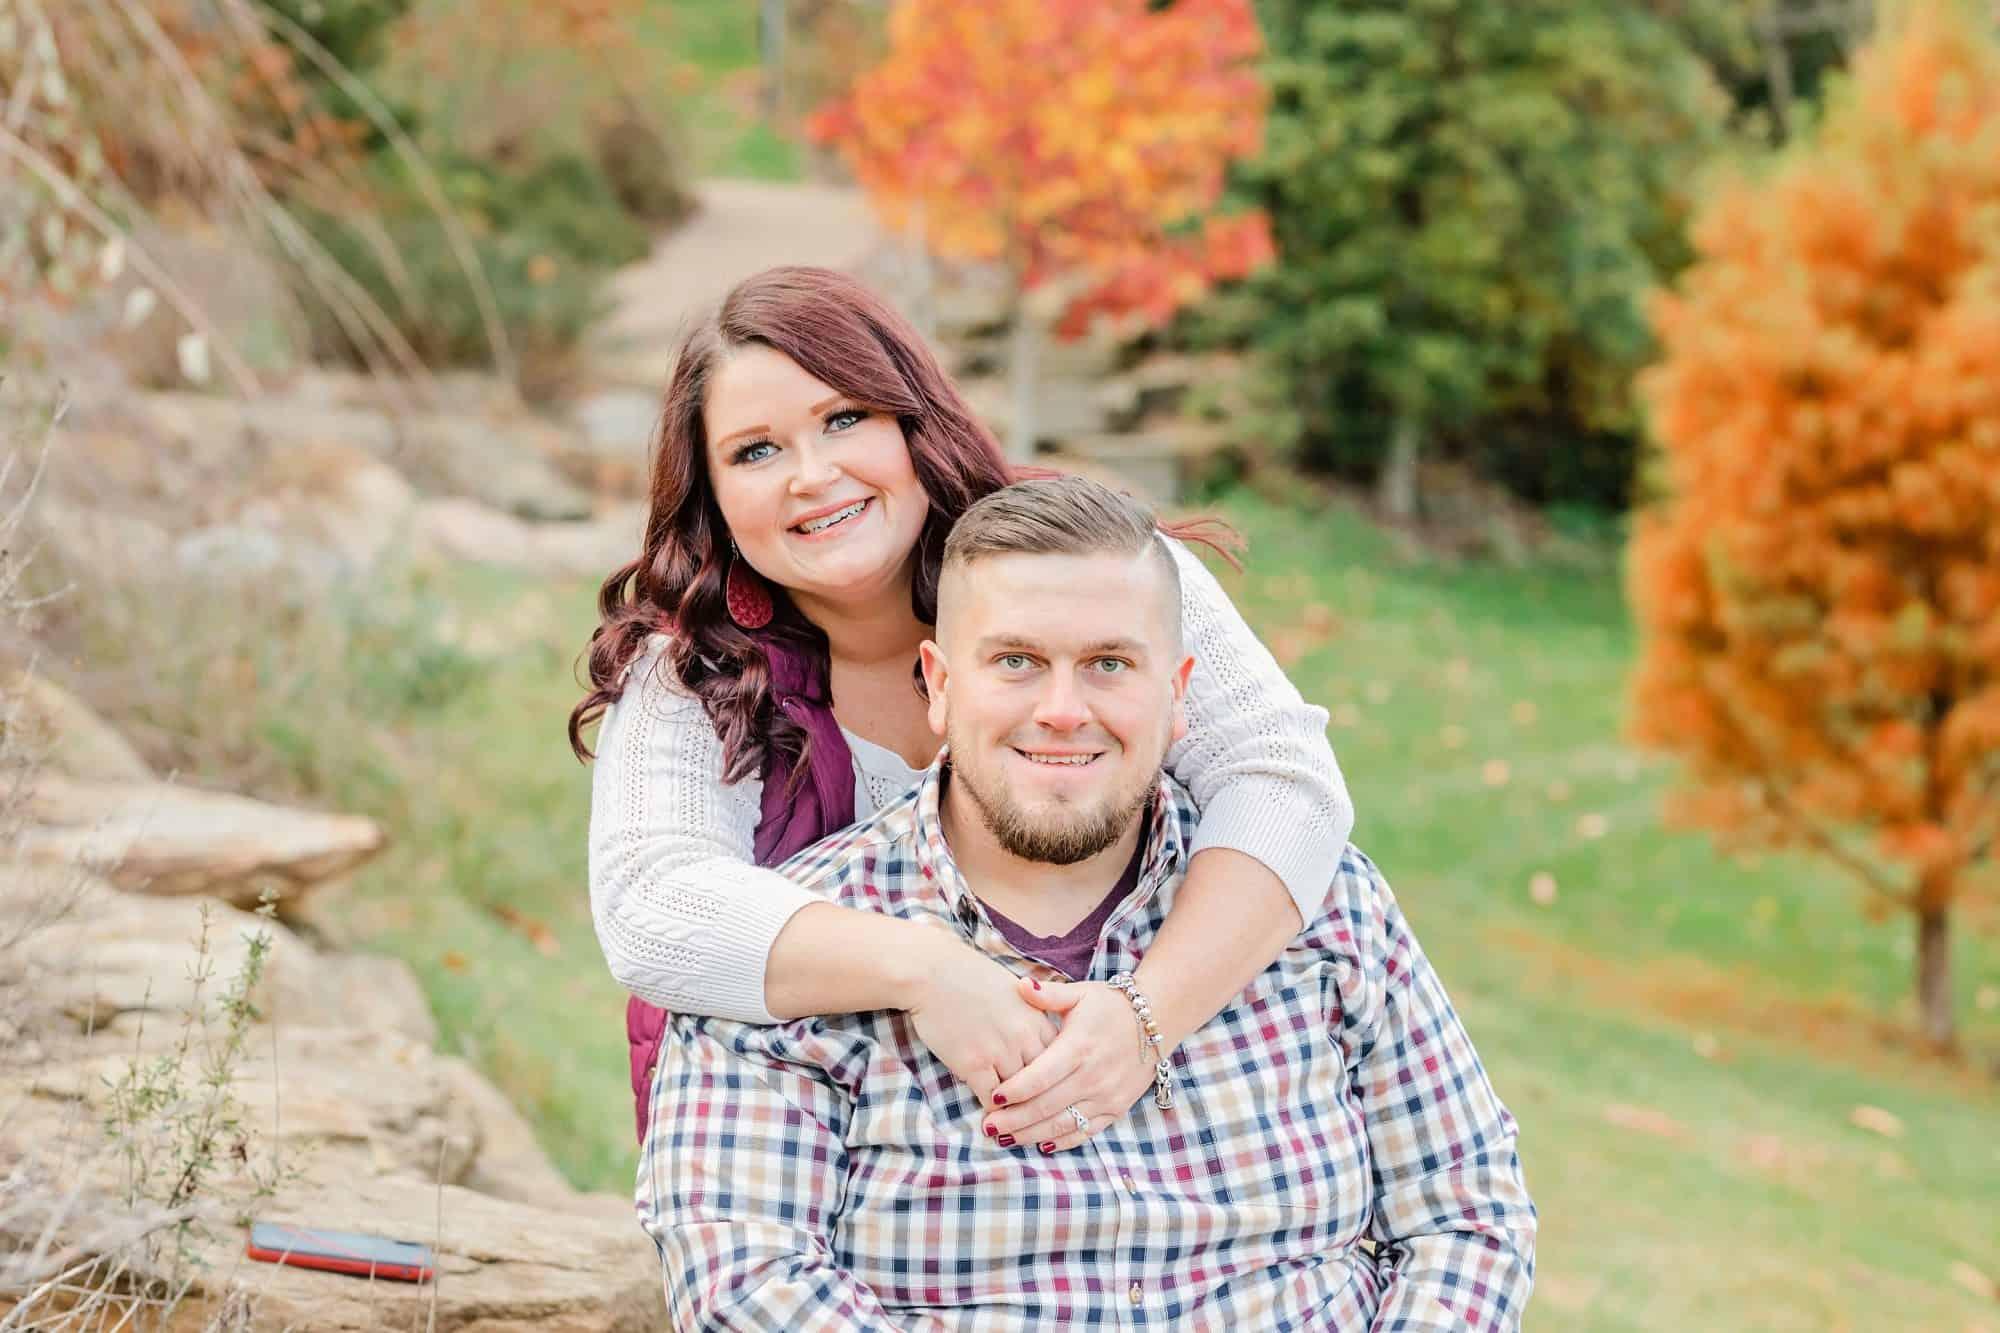 secrest arboretum wooster ohio engagement photos